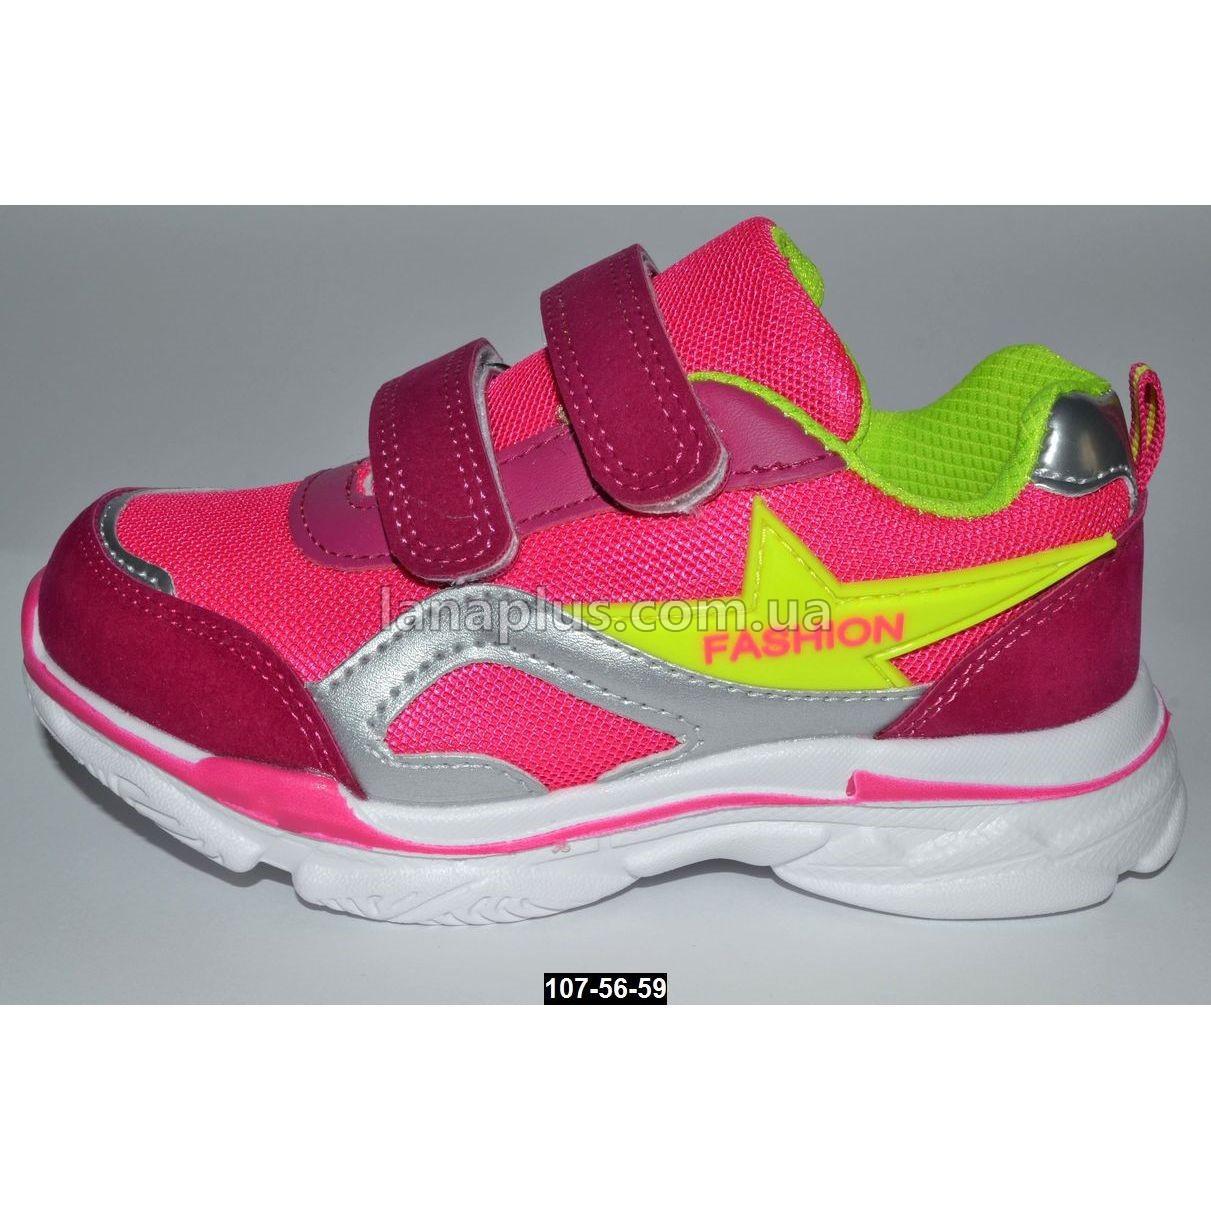 Дышащие кроссовки для девочки, 28 размер (17 см), Tom.m, кожаная стелька, супинатор, 107-56-59